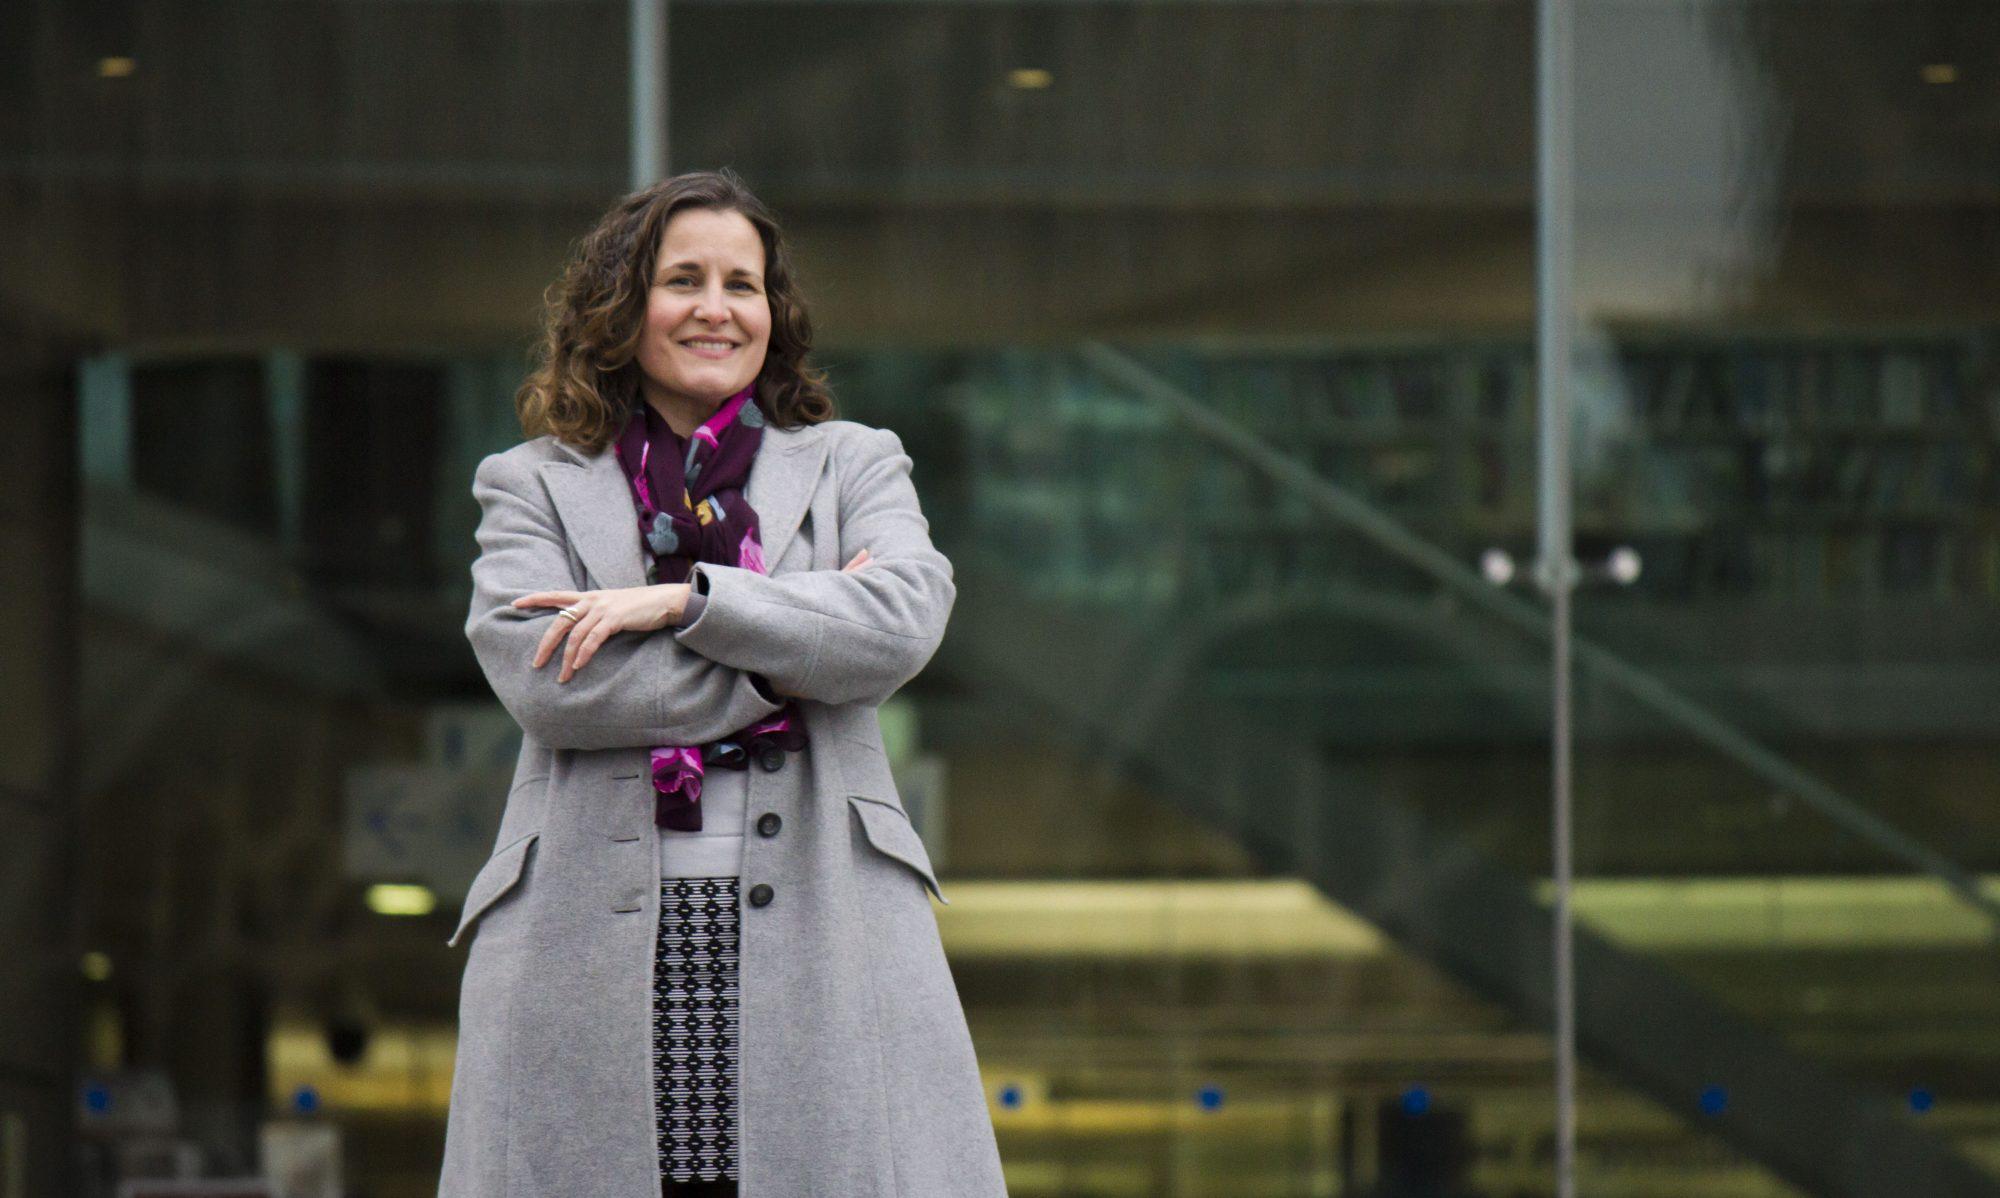 Miranda Ellis Consultancy